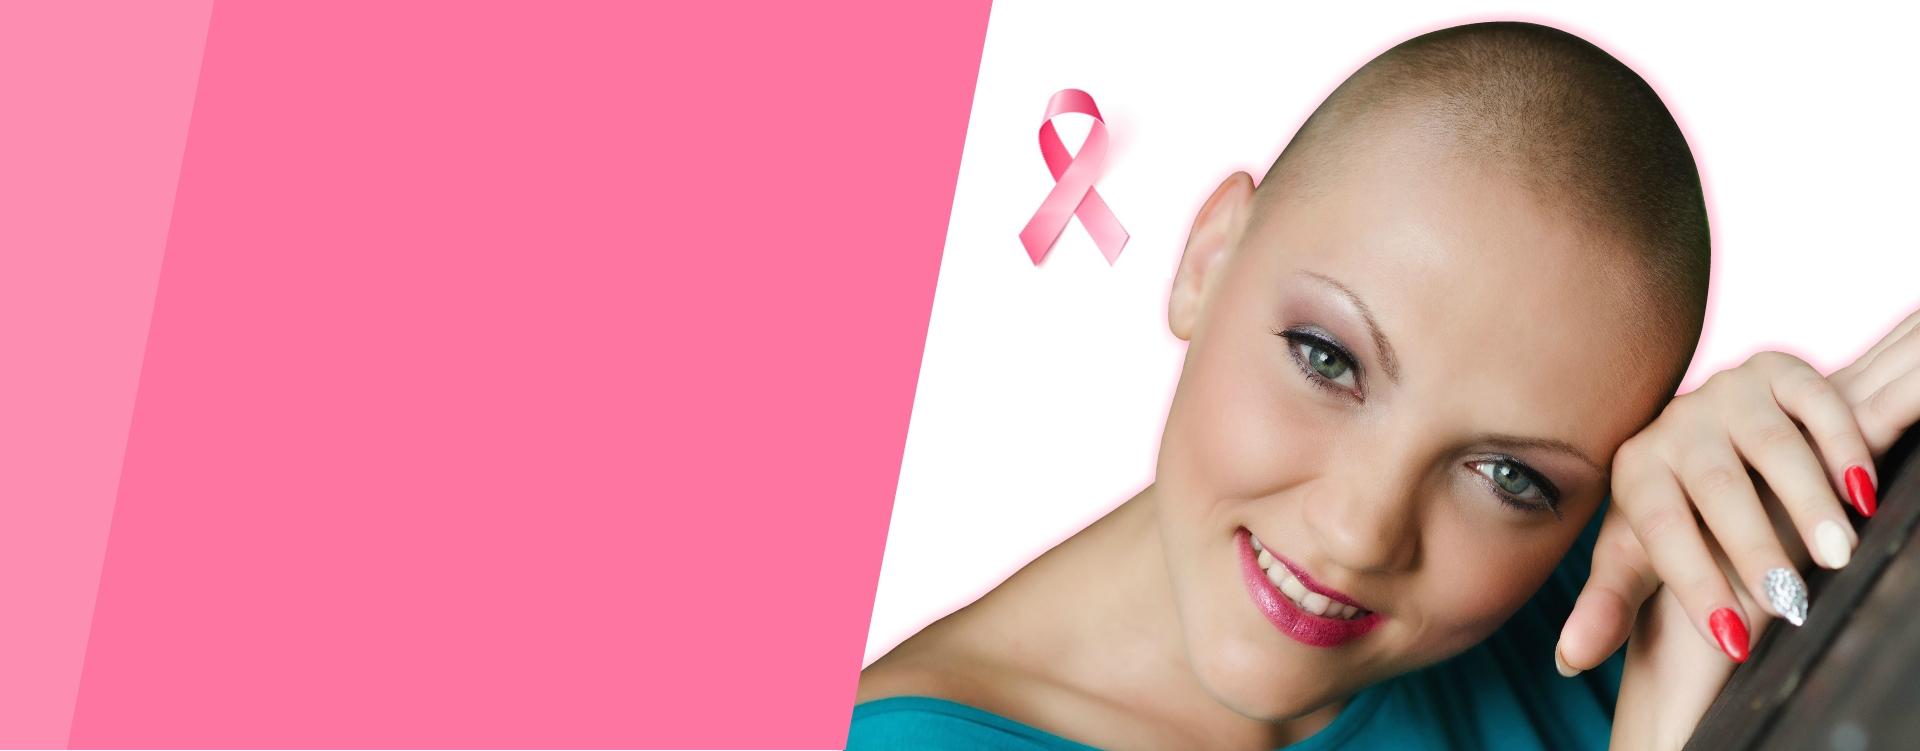 Pelucas médicas en bogota - Pelucas Oncológicas - Pelucas Cancer